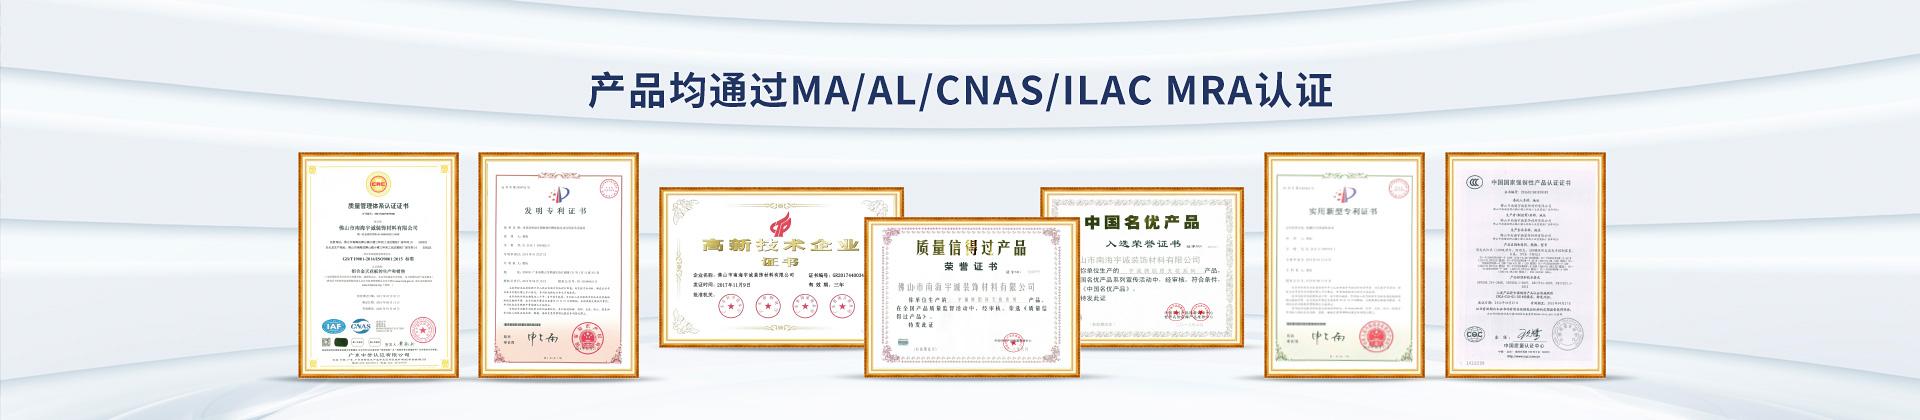 中沪万博manbetx官网手机版登陆产品均通过MA/AL等认证